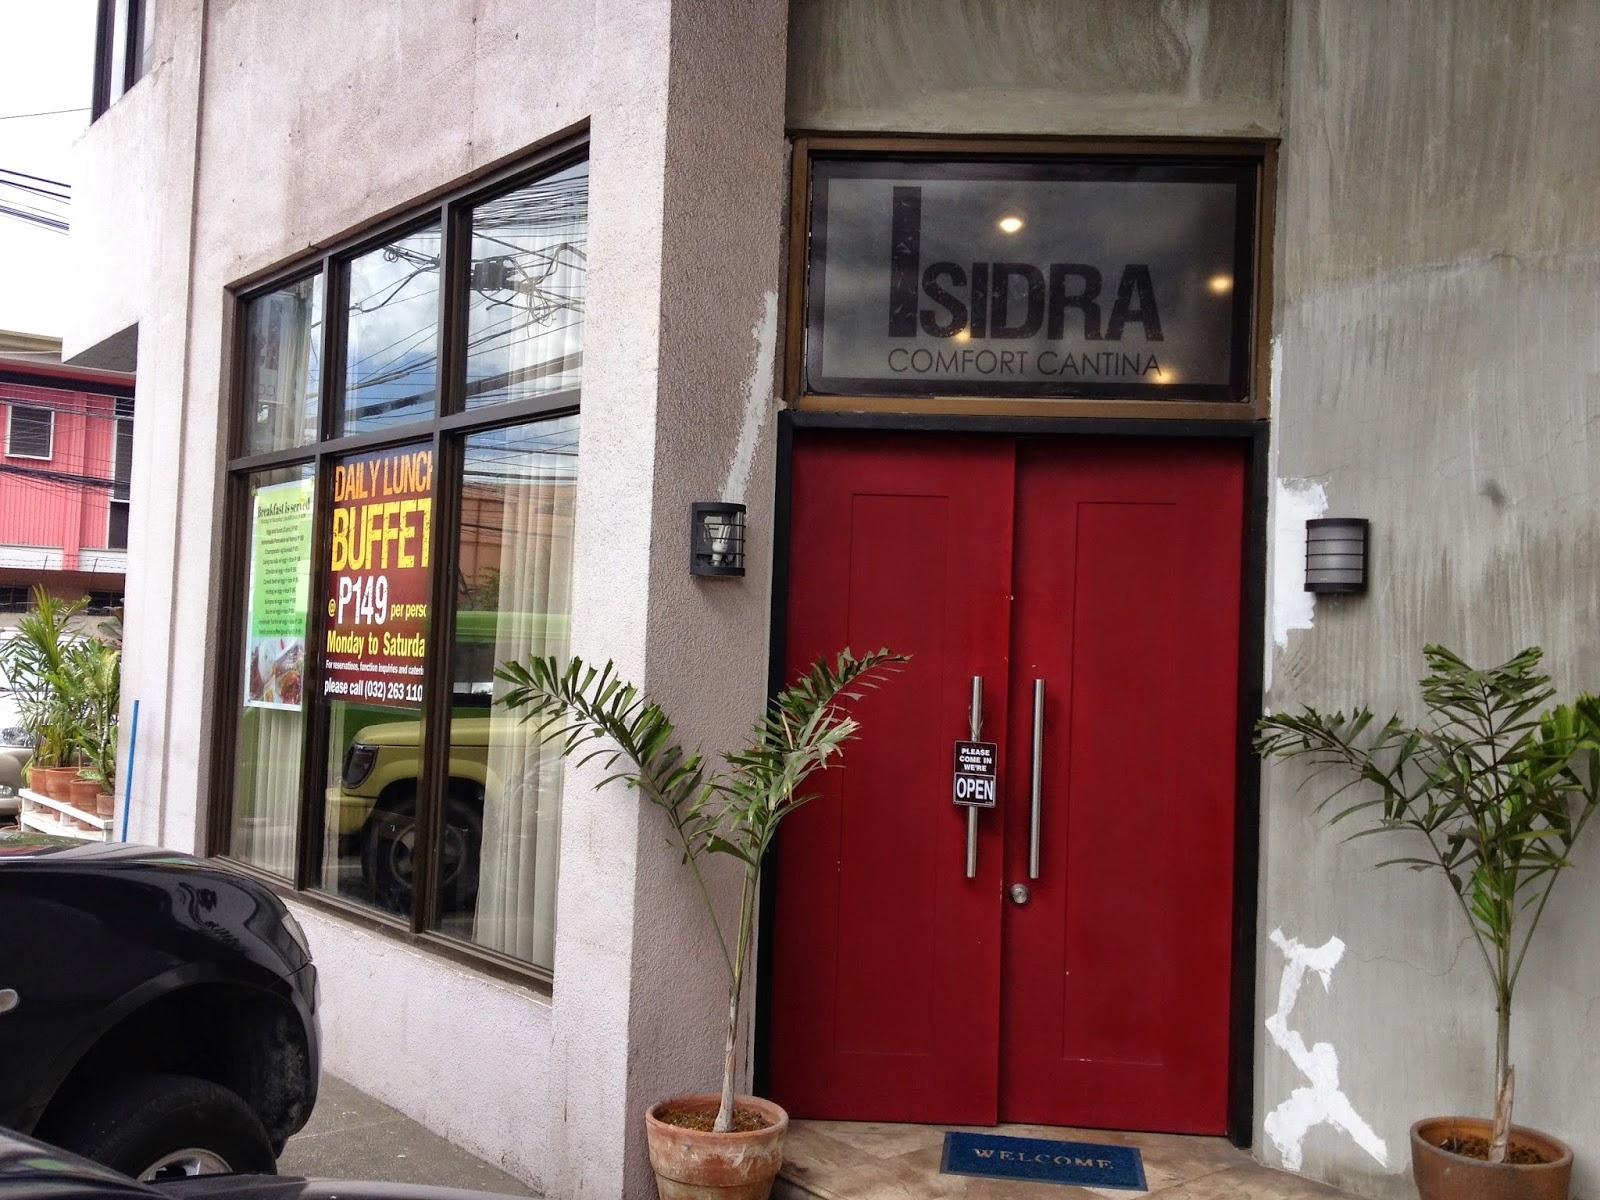 149 peso buffet at Isidra Comfort Cantina